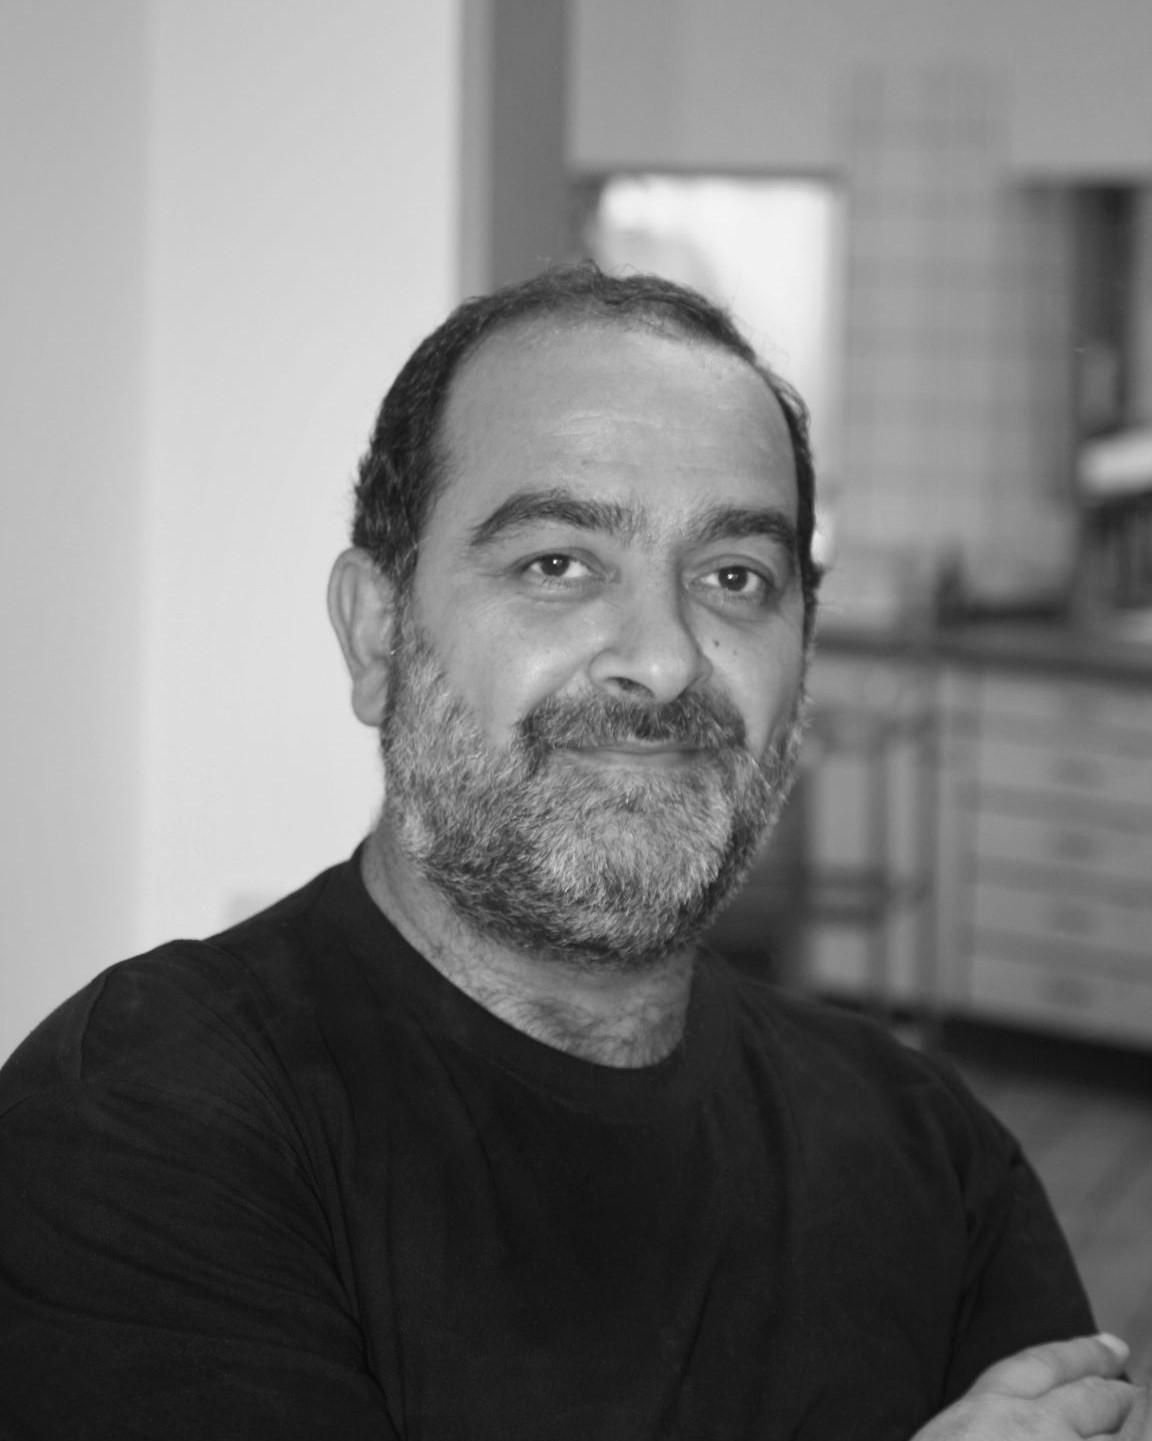 Wir trauern um unseren lieben Modellbaufreund Adel Makhlouf